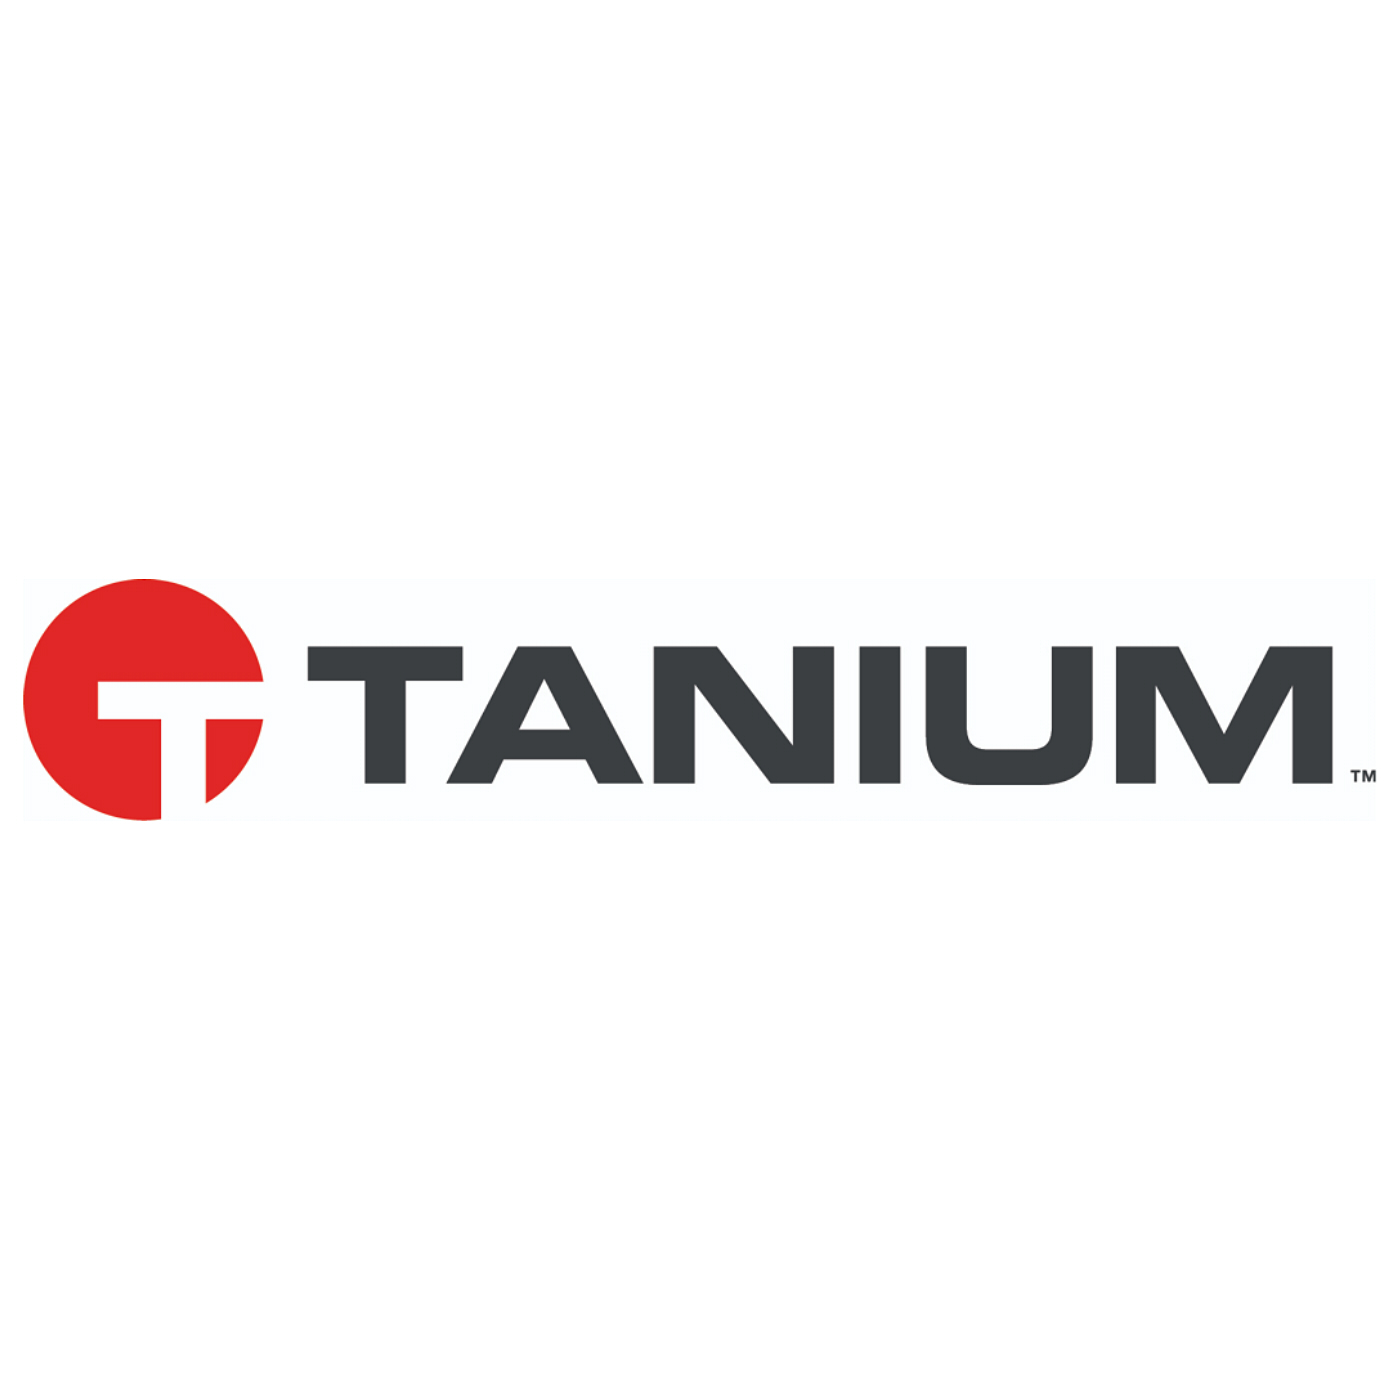 tanium-logo-1400px